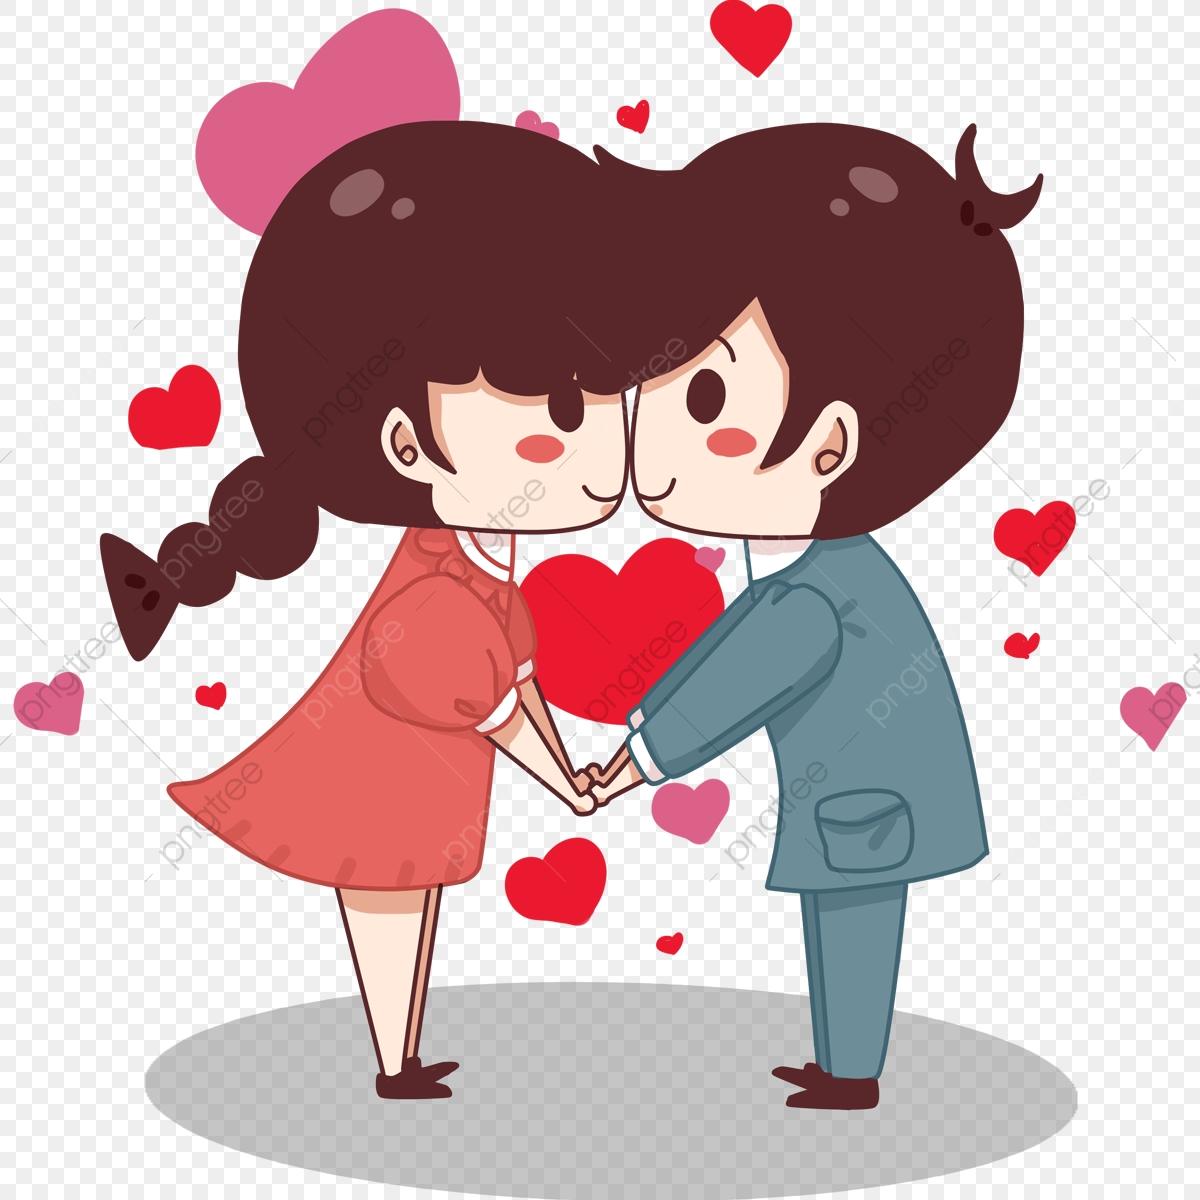 Dia Dos Namorados Desenho Casal, O Personagem, Casal, No Amor.